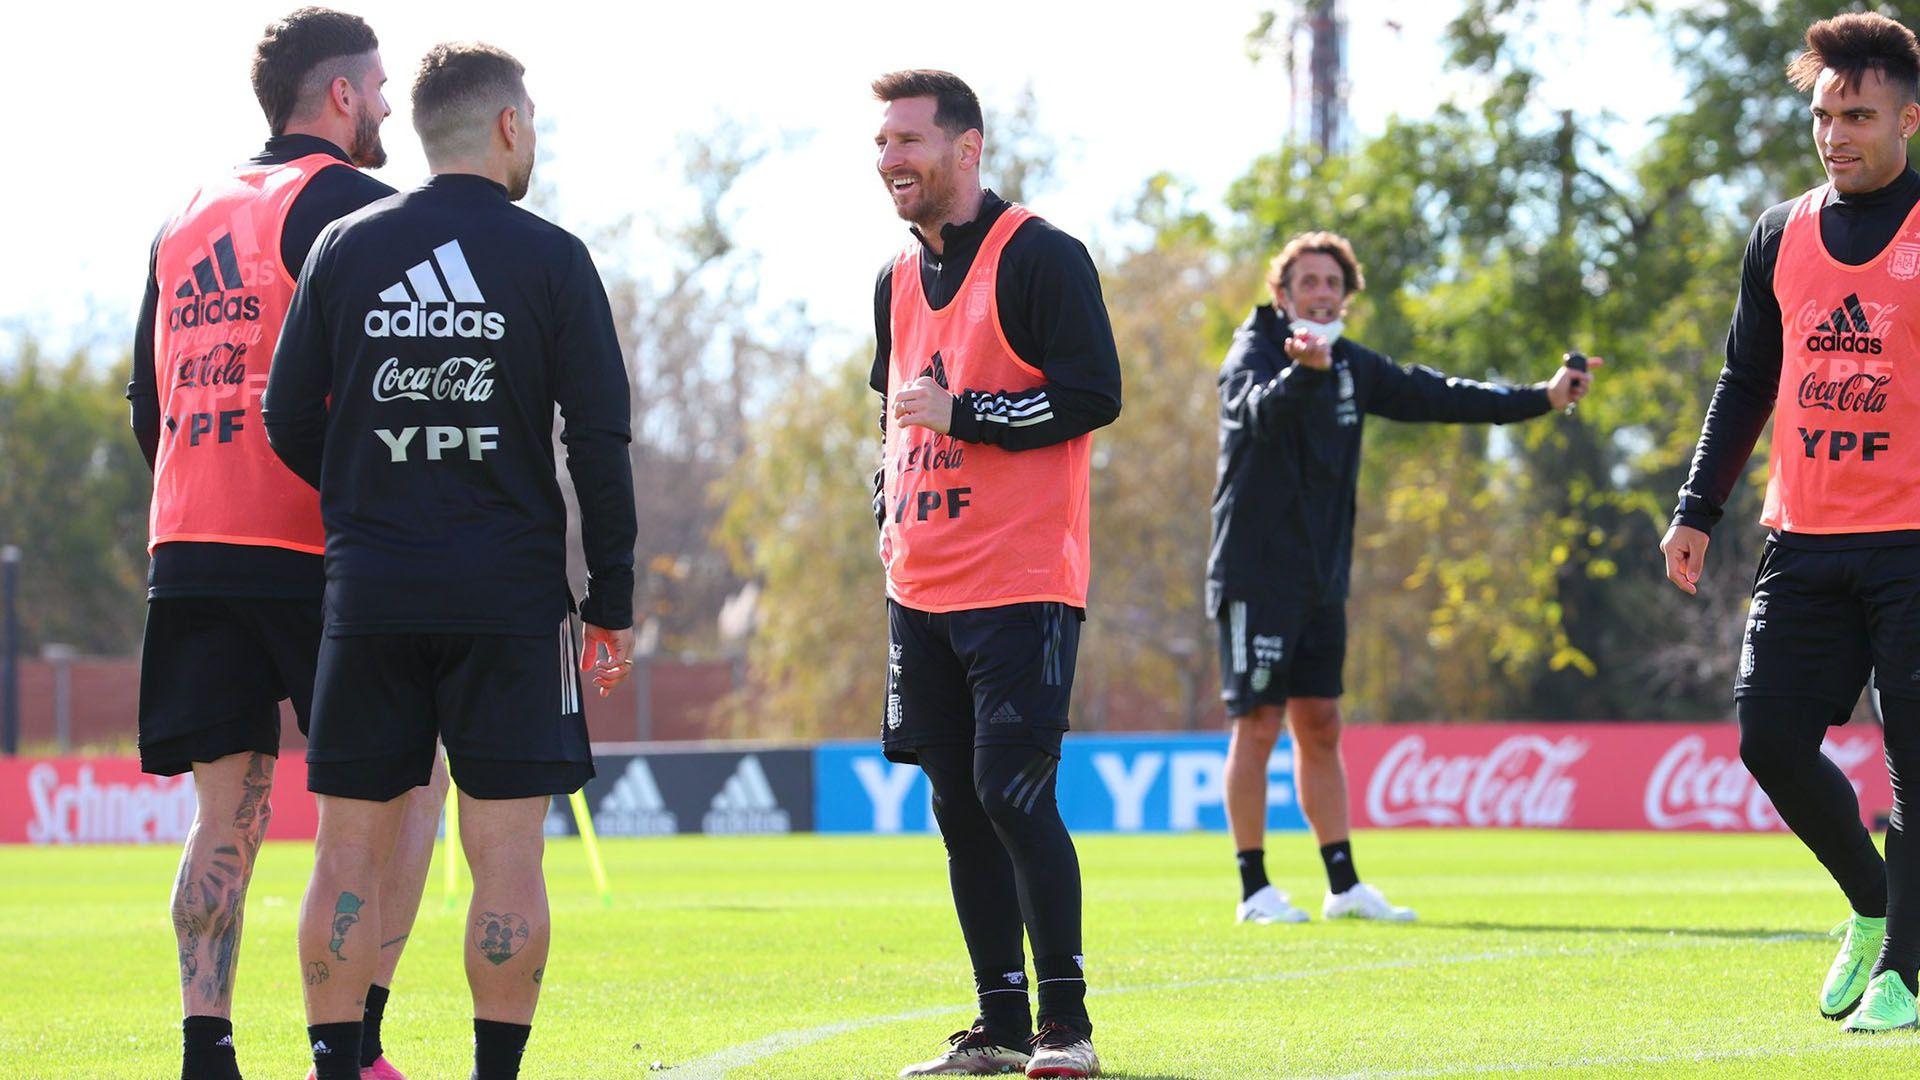 Seleccion Argentina Messi entrenamiento portada